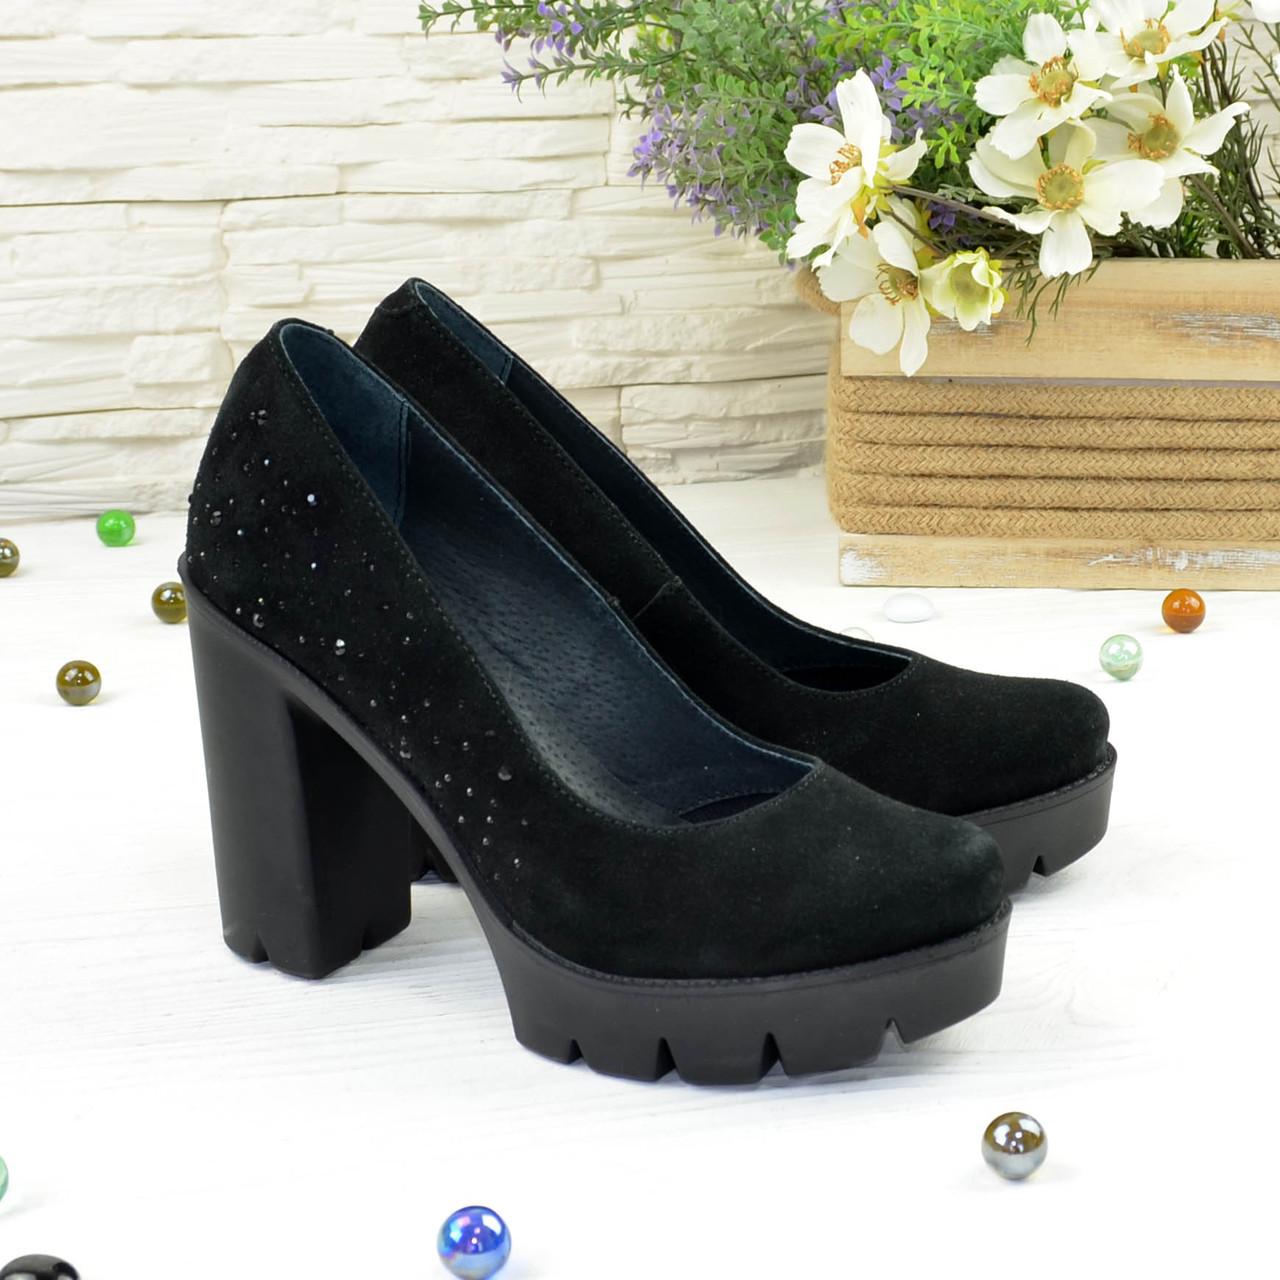 Женские черные замшевые туфли на высоком каблуке, декорированы стразами